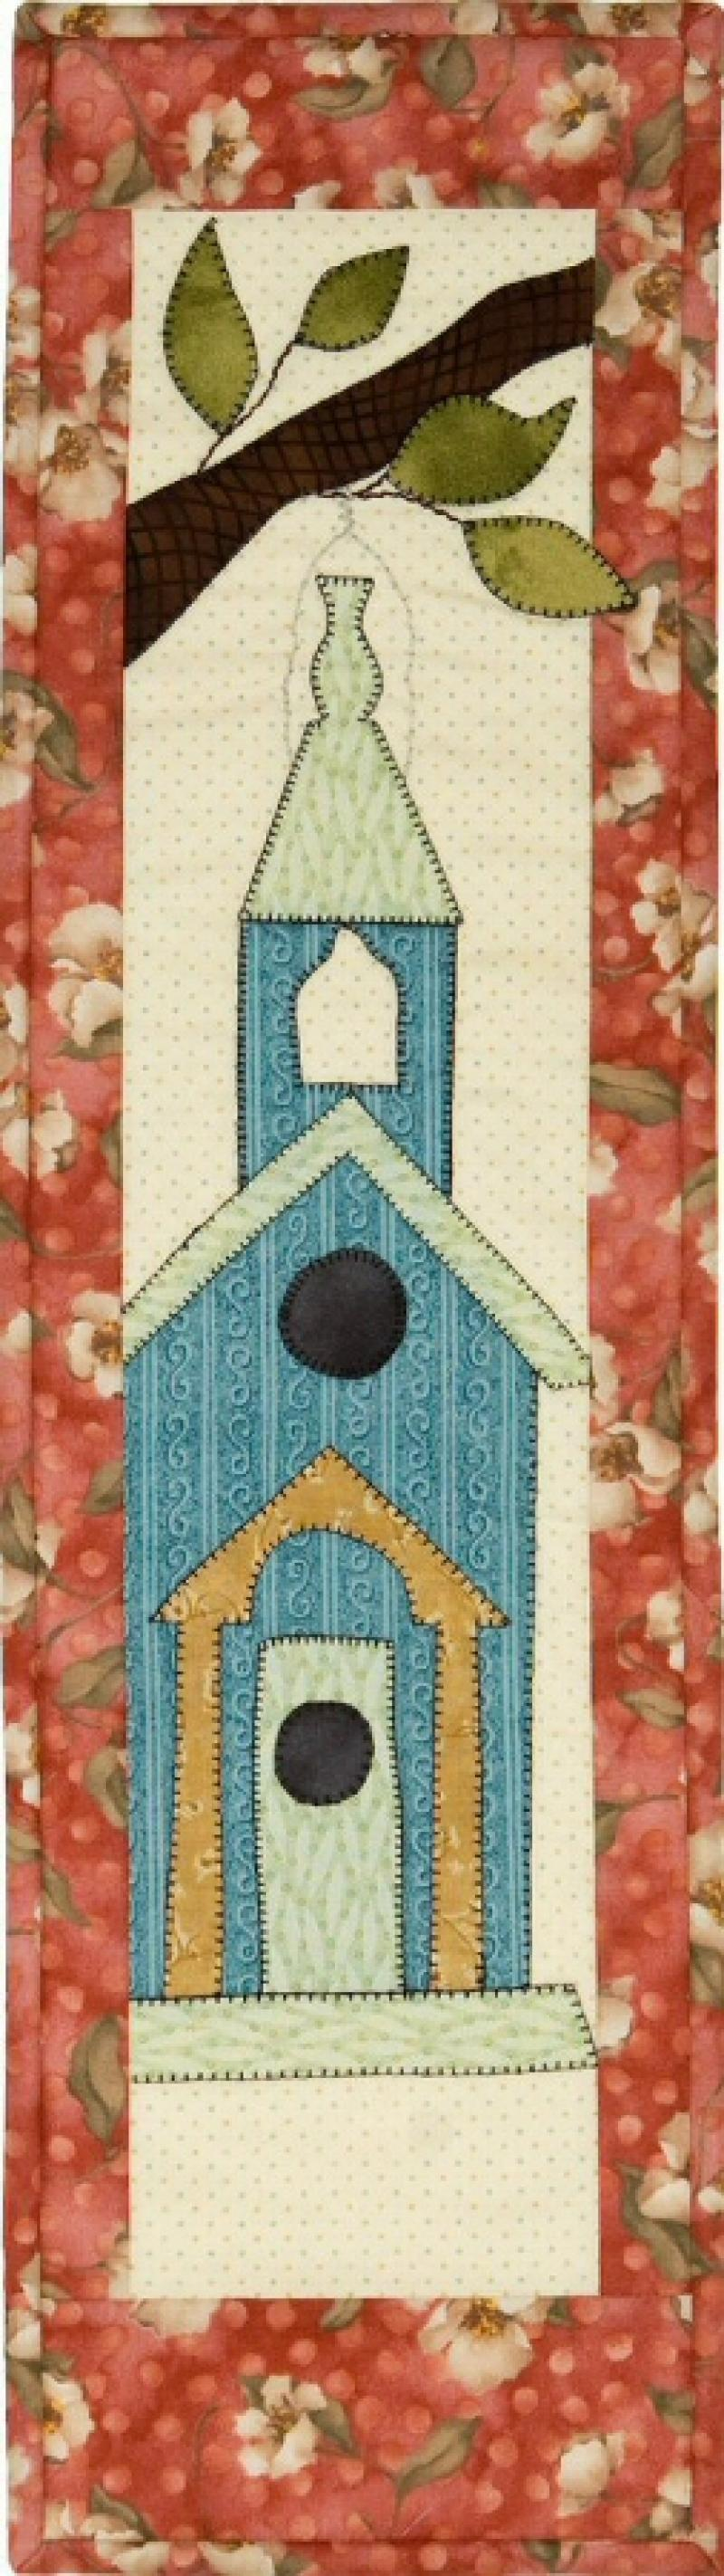 P109C Sunday Birdhouse Finished Model or pattern